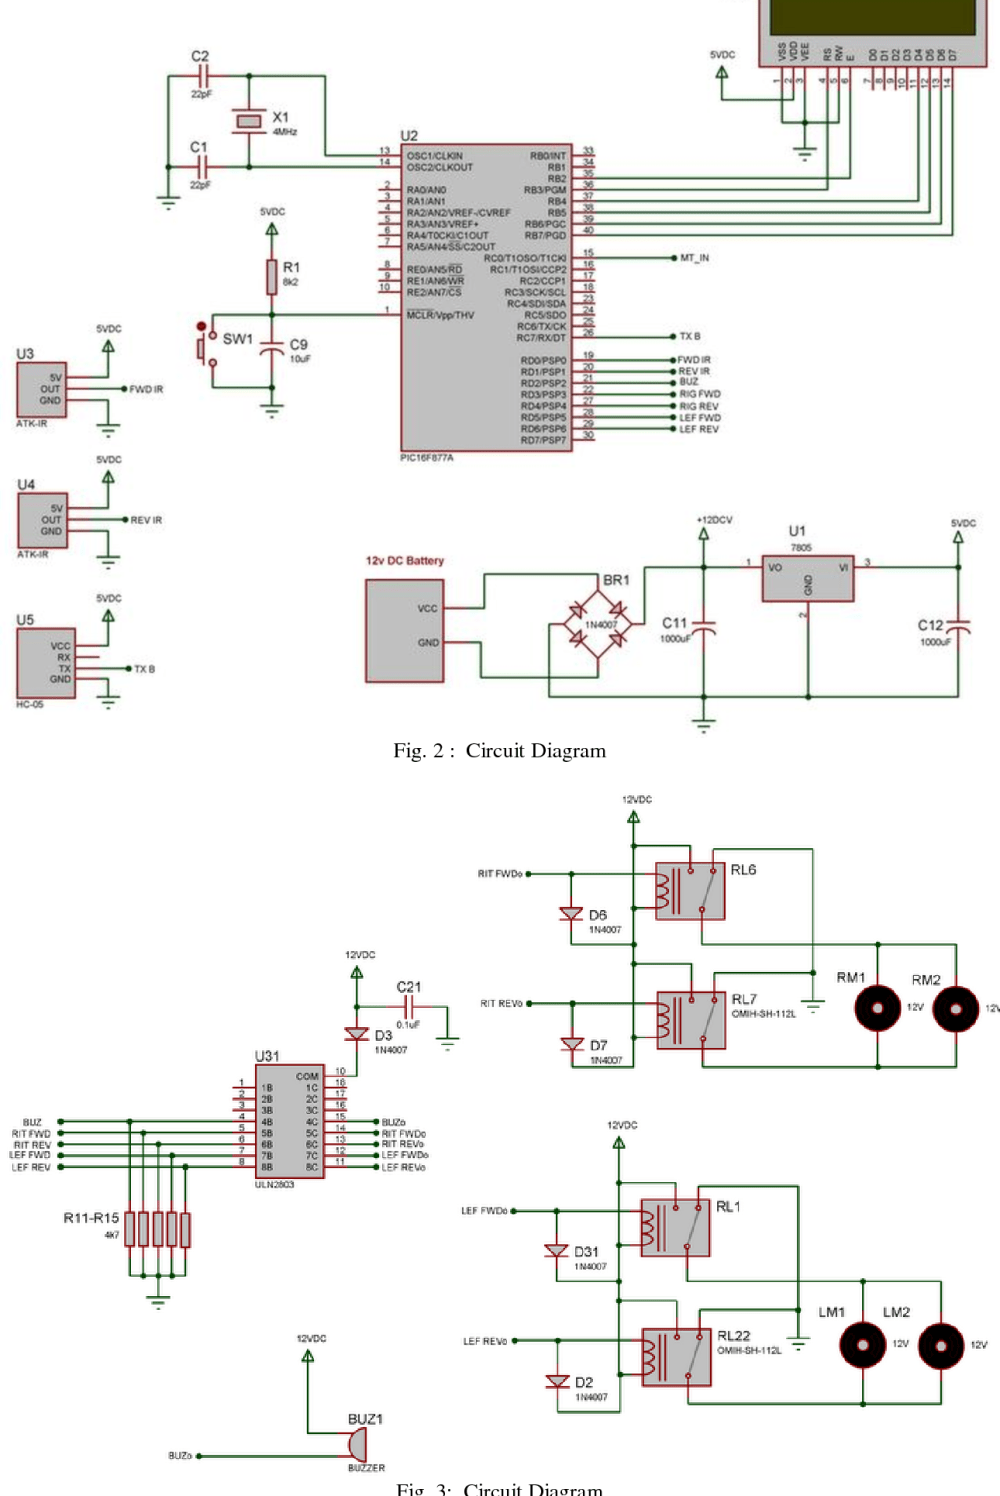 medium resolution of 2 circuit diagram